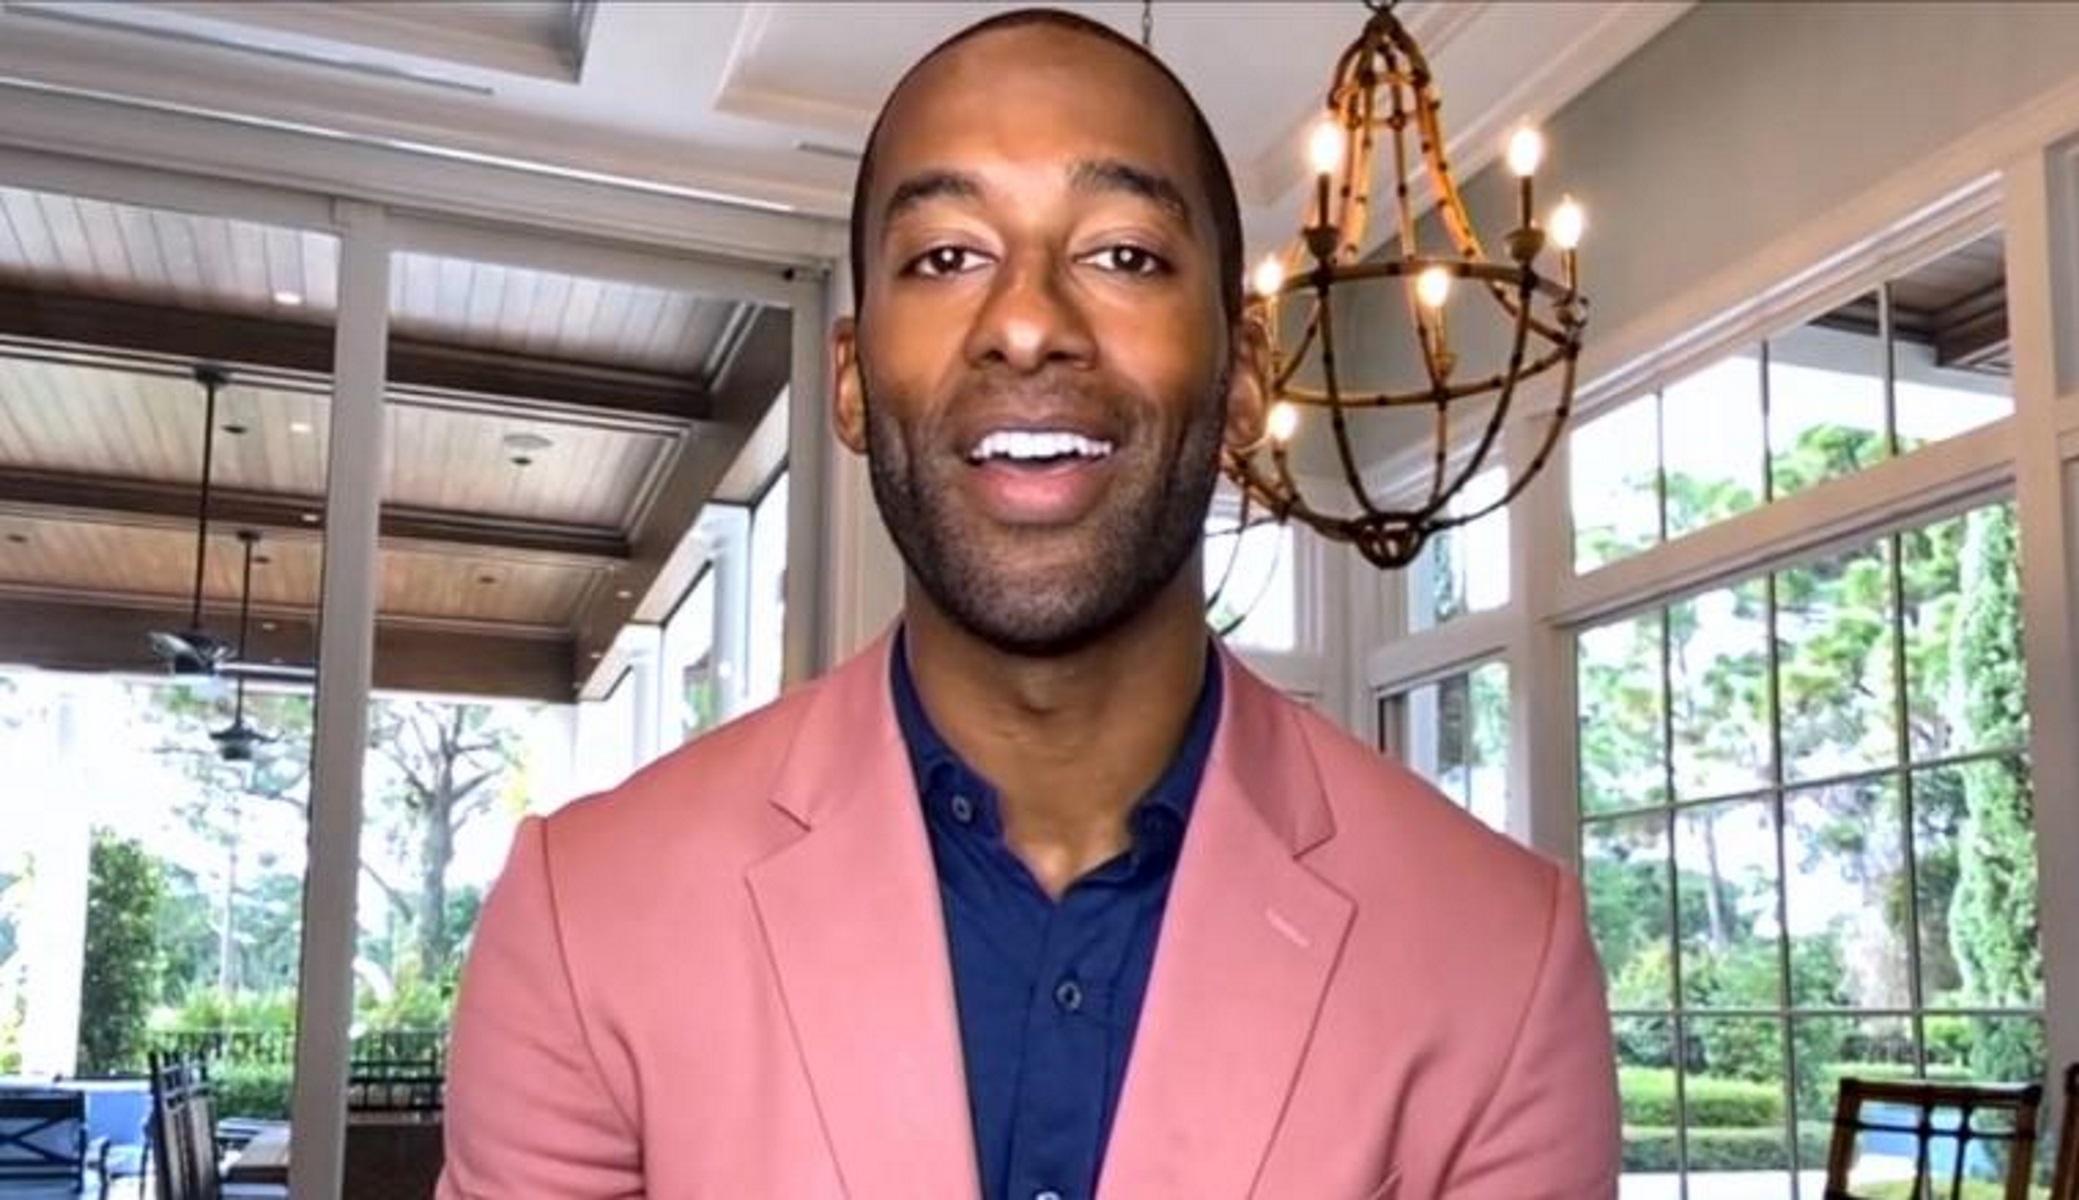 """Μάρκετινγκ με τη δολοφονία Φλόιντ! Για πρώτη φορά μαύρος πρωταγωνιστής στο """"Bachelor"""" (video)"""